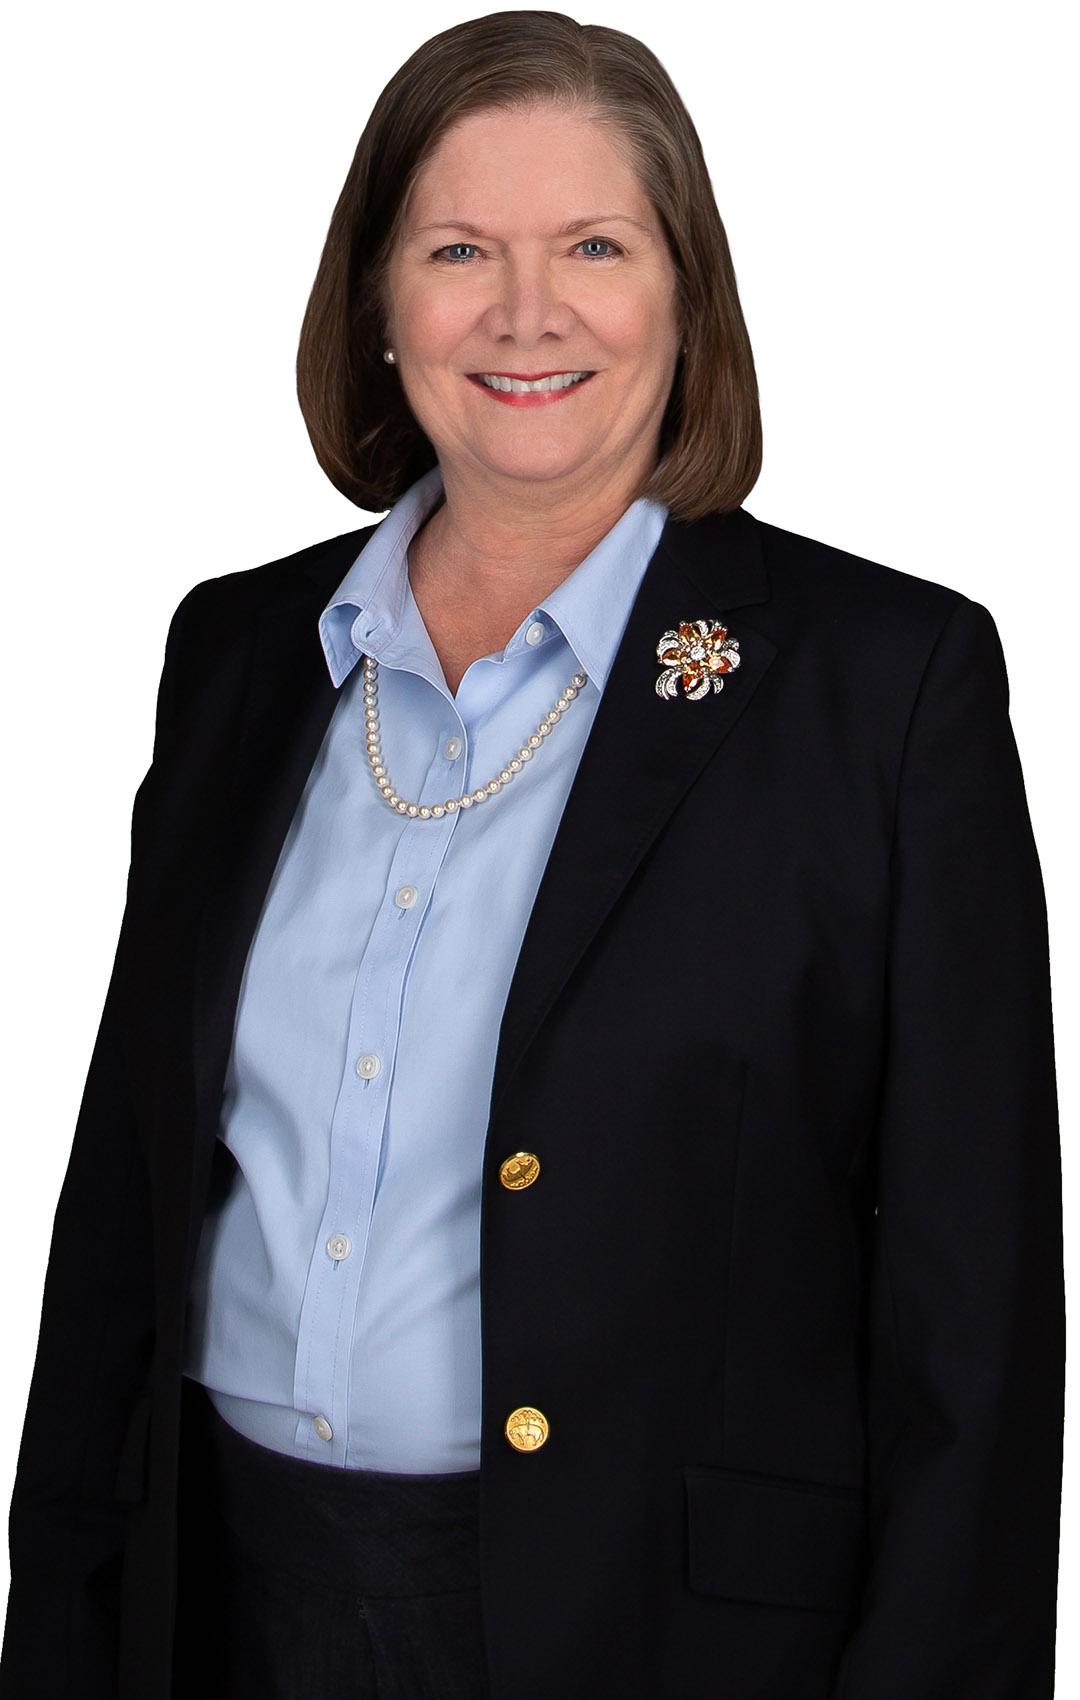 Cynthia Bock